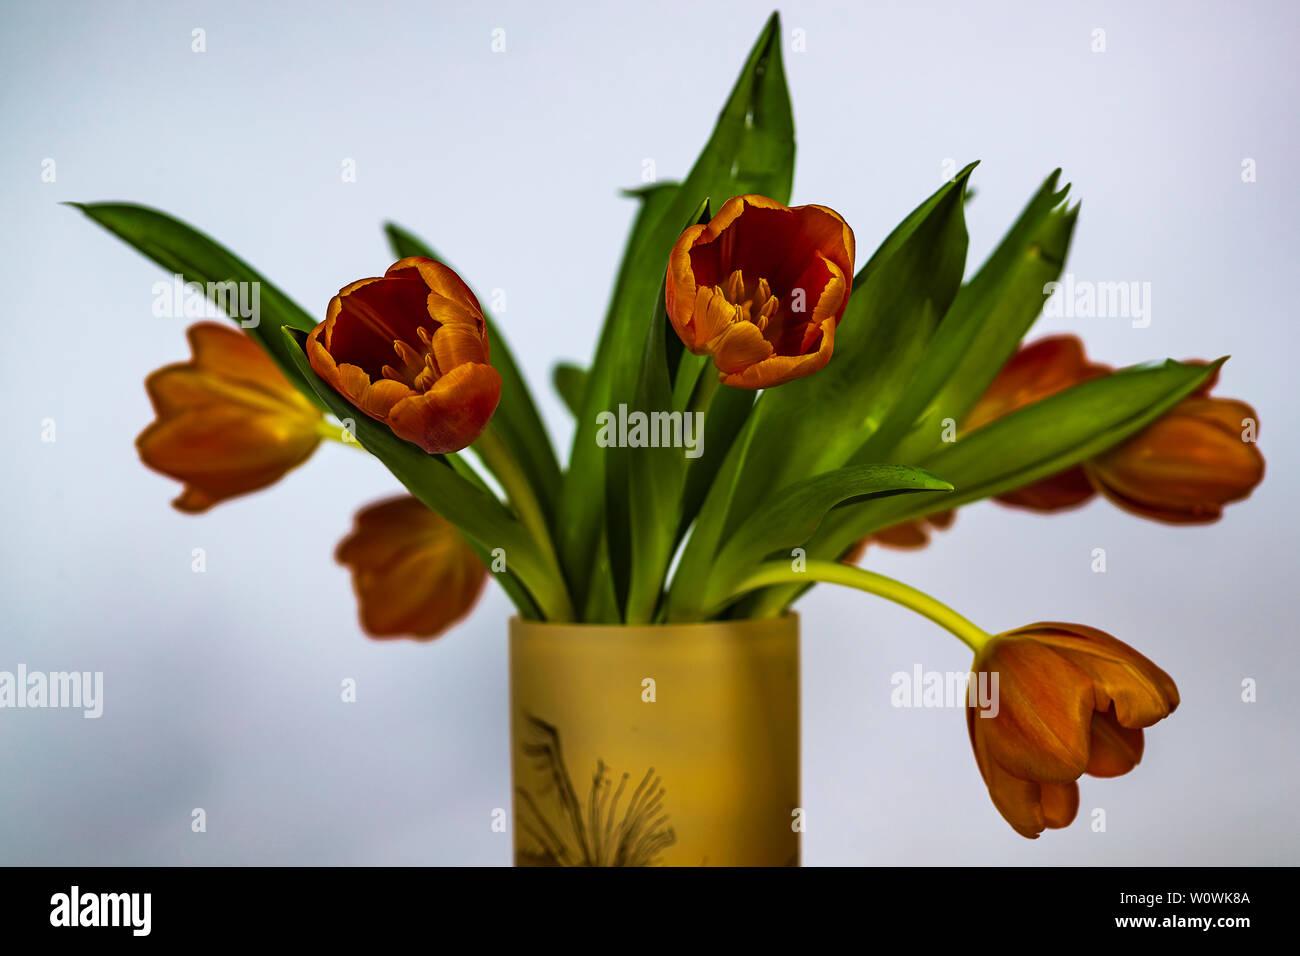 Ein Strauß Tulpen in der Vase.   A bouquet of tulips in the vase. - Stock Image